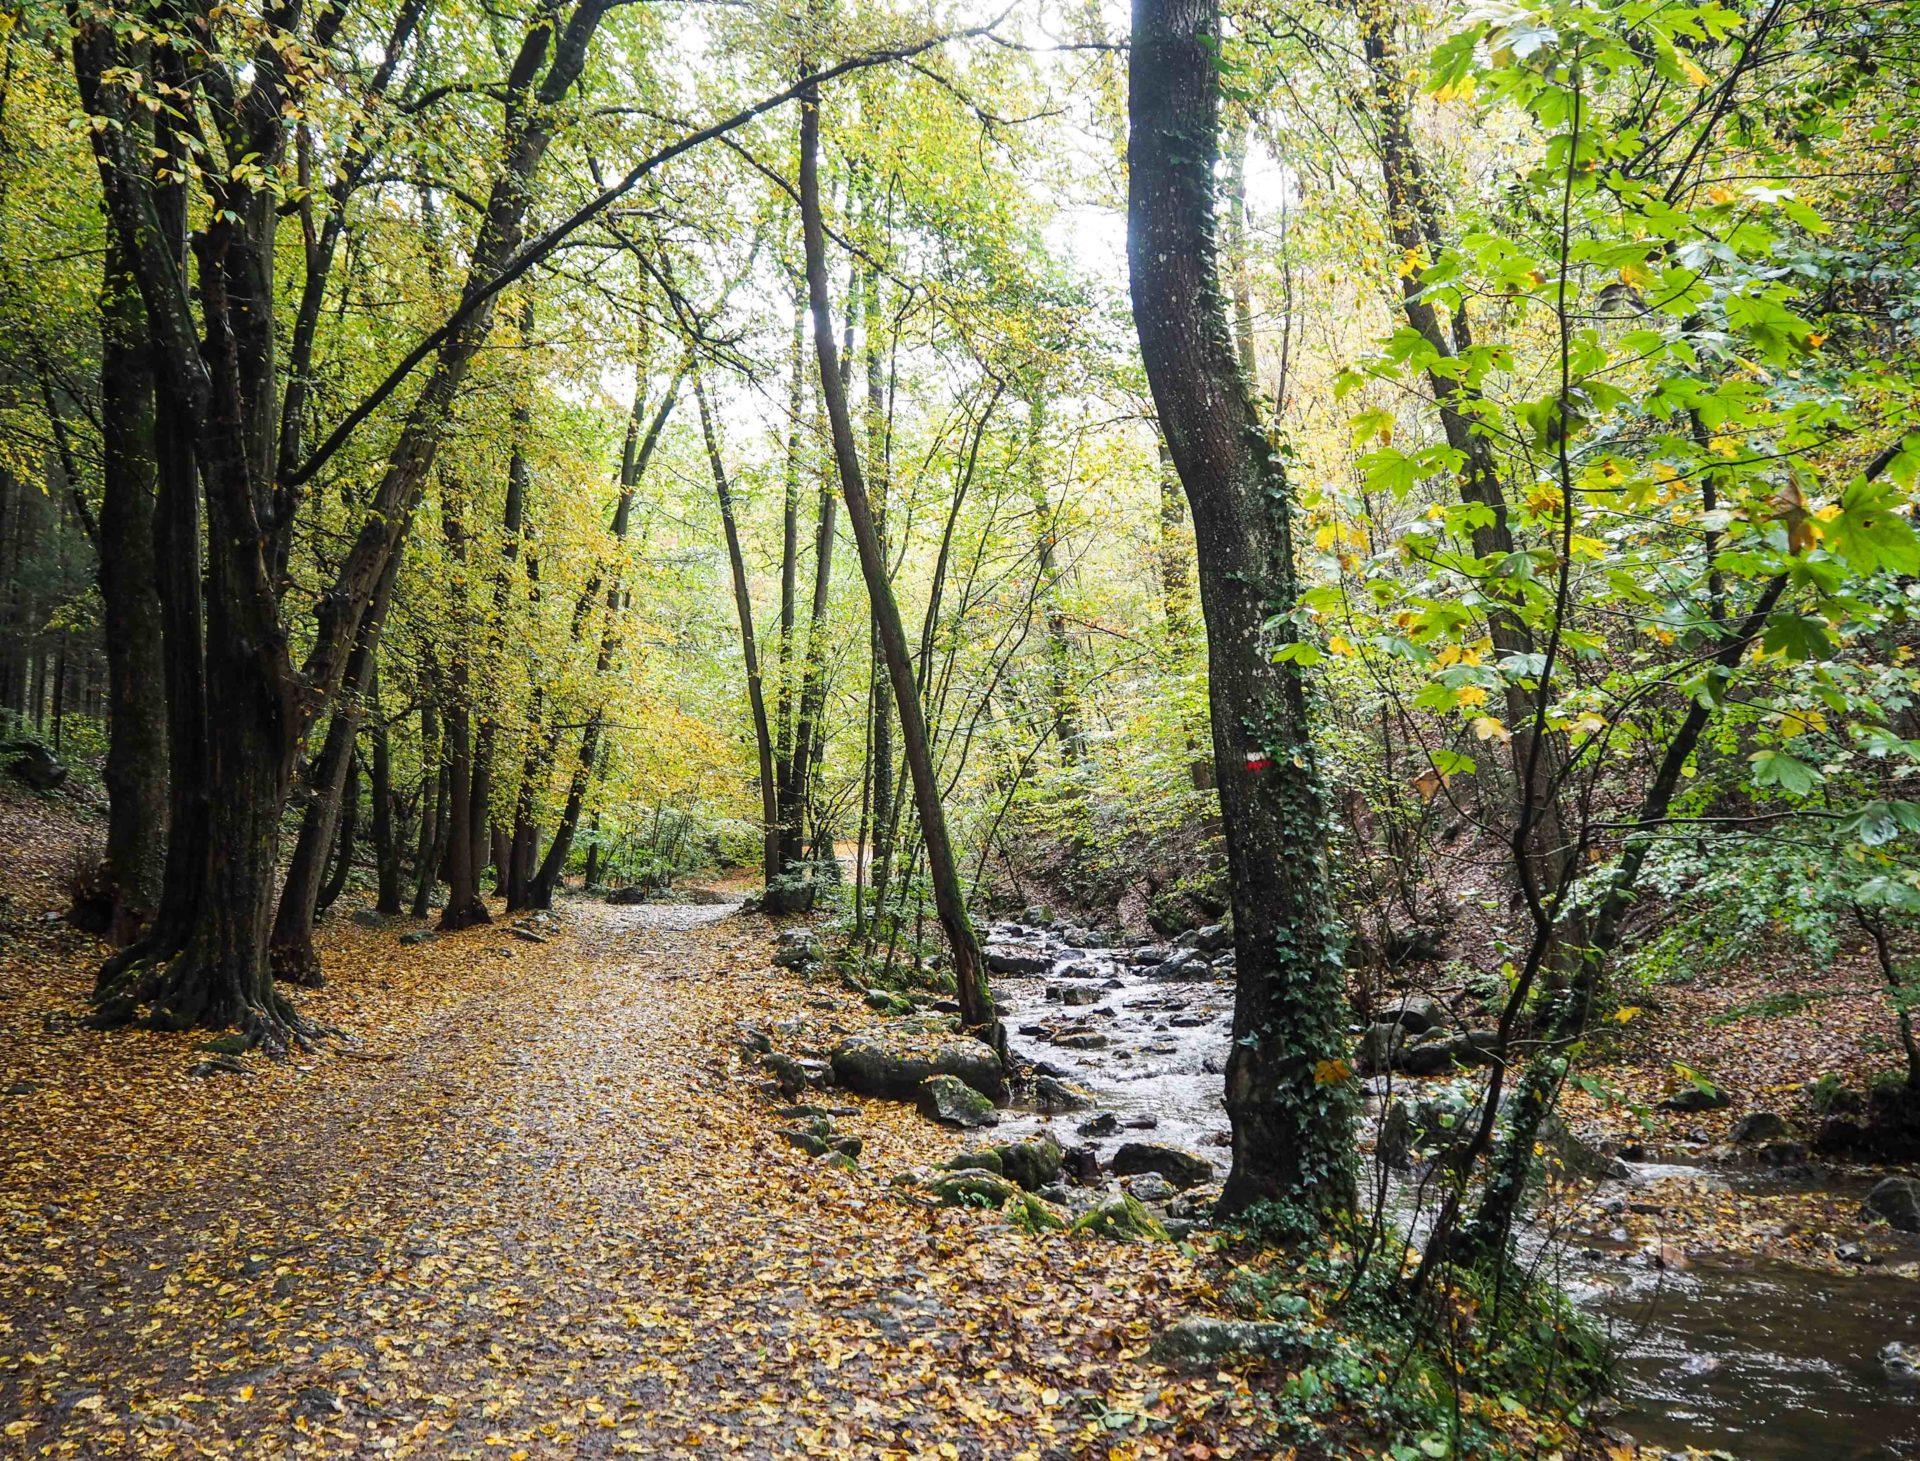 L'automne dans le Vallon du Ninglinspo - Ardenne Belge - Province de Liège - Voyage slow en Belgique